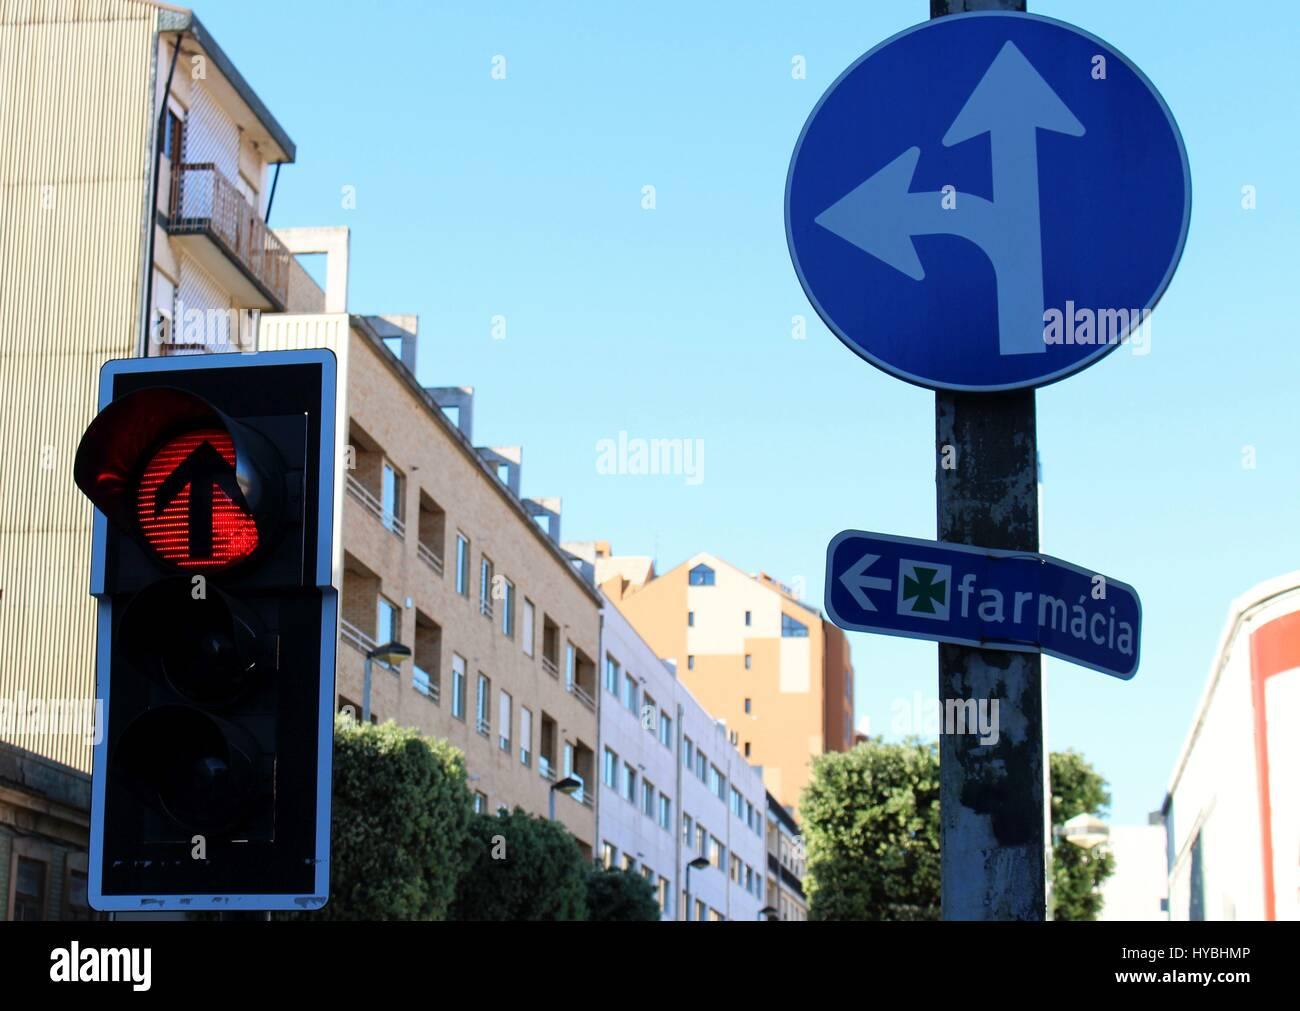 Diferentes señales de carretera en Brito Capelo street en el centro de la ciudad de Matosinhos, Porto, Portugal. Foto de stock